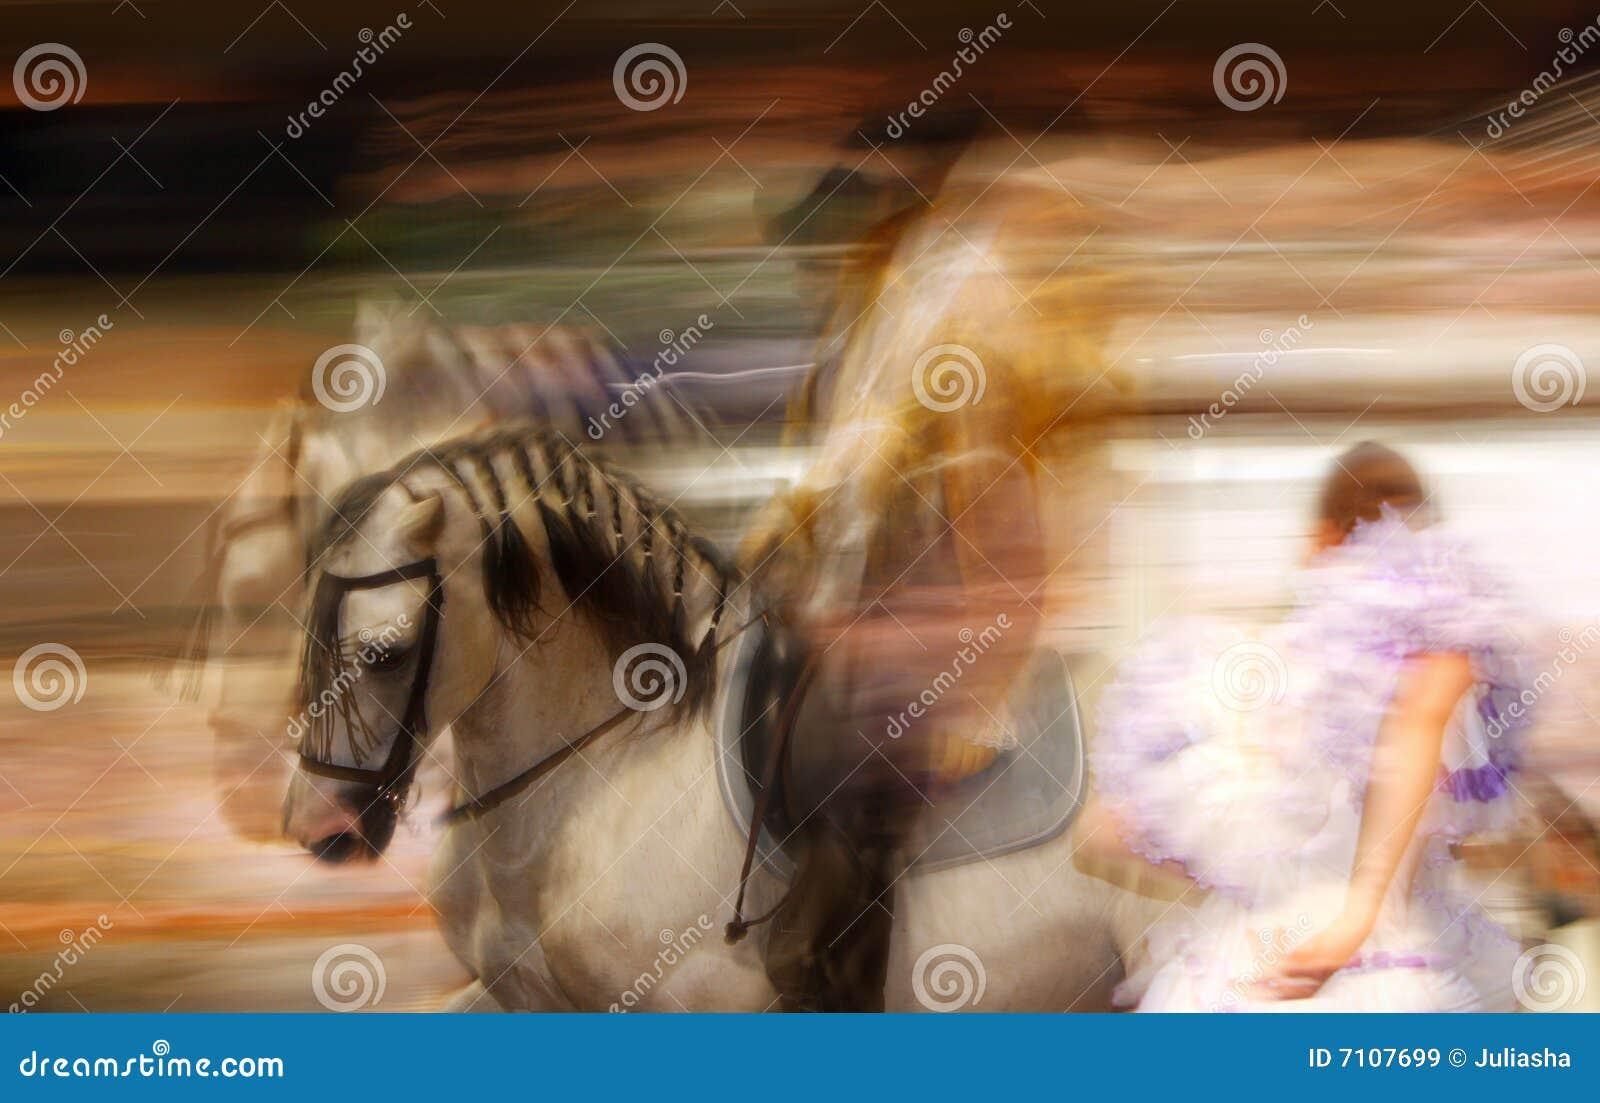 马骑术西班牙语